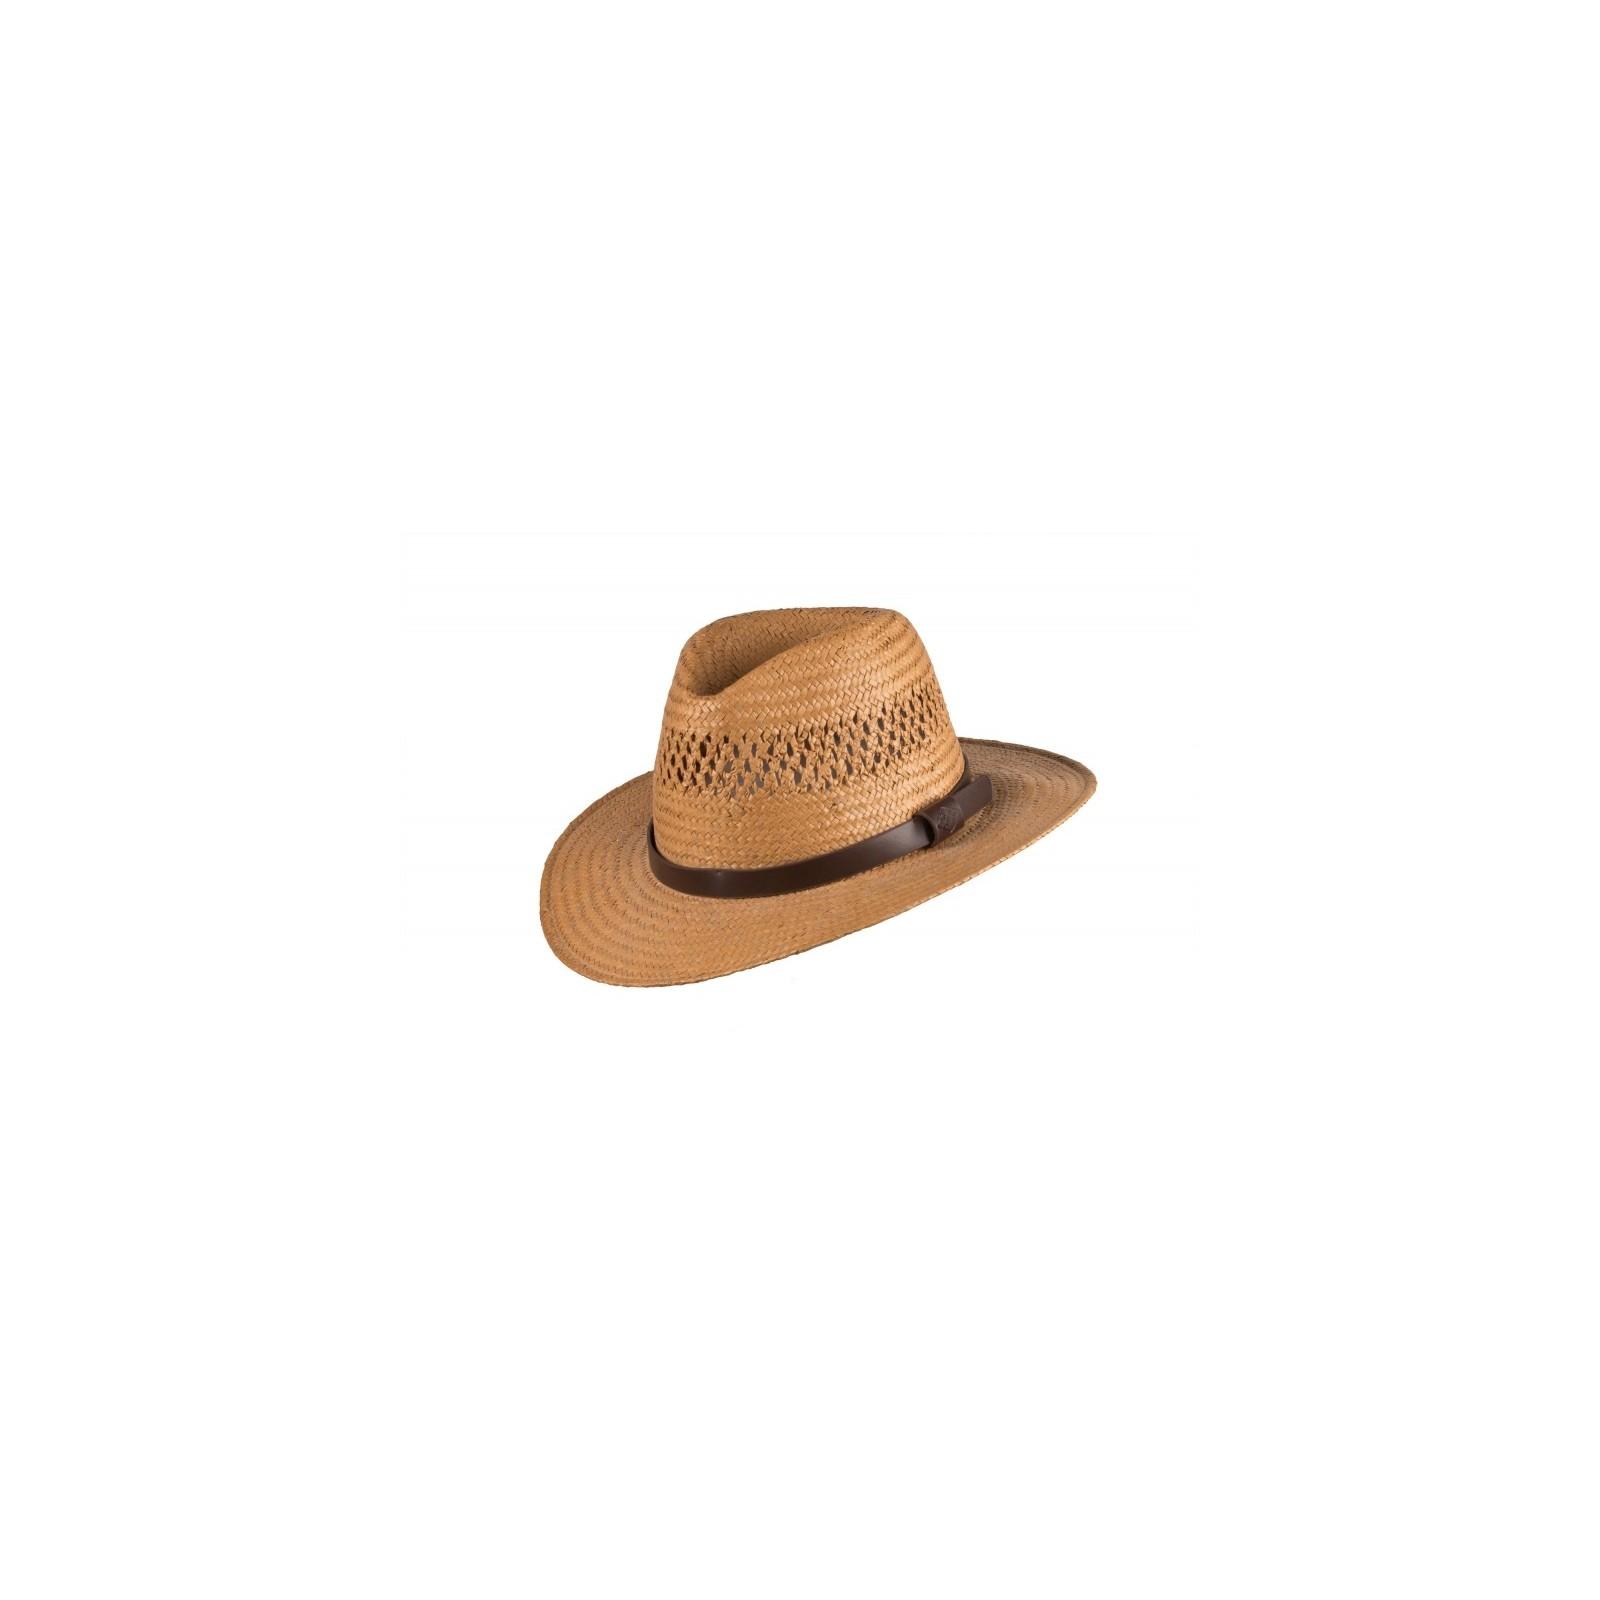 Scippis Santos hat